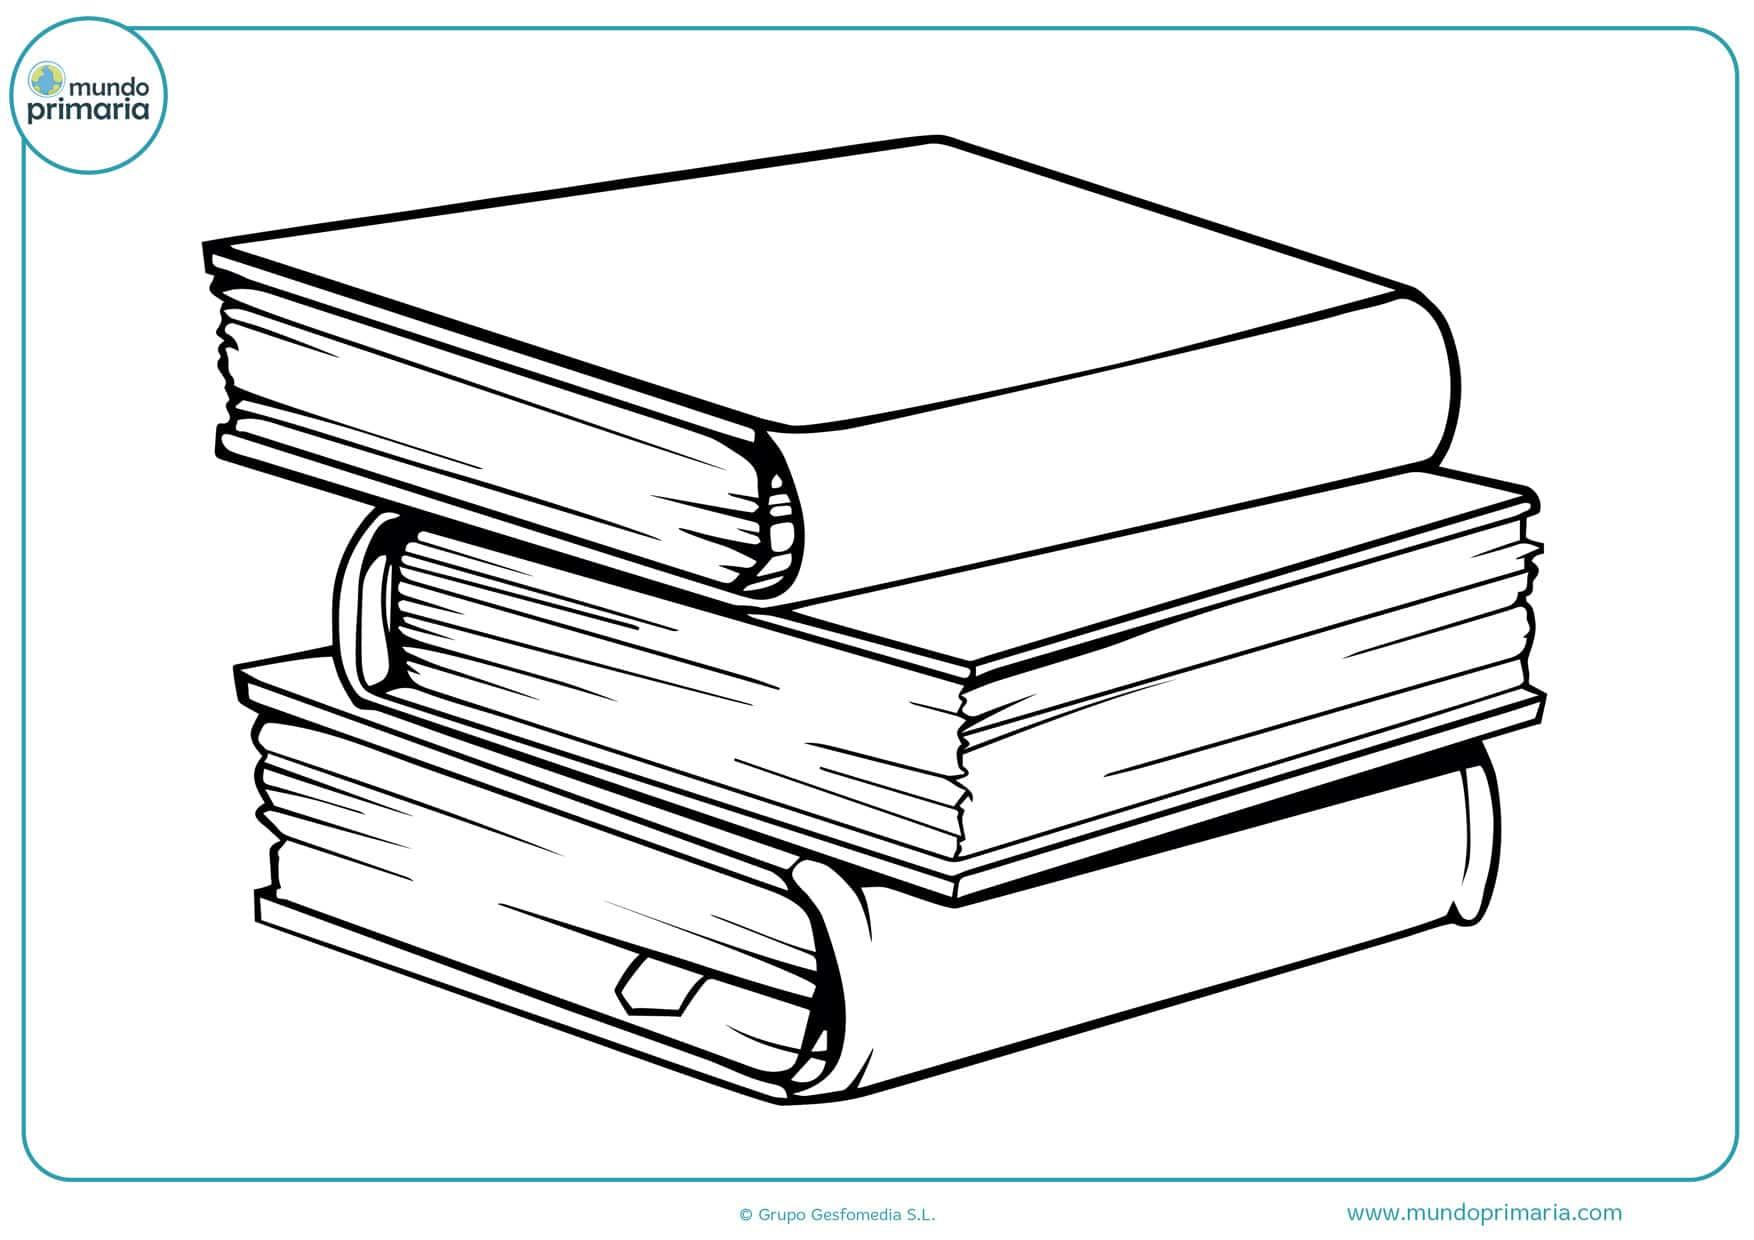 dibujos para colorear de libros cerrados